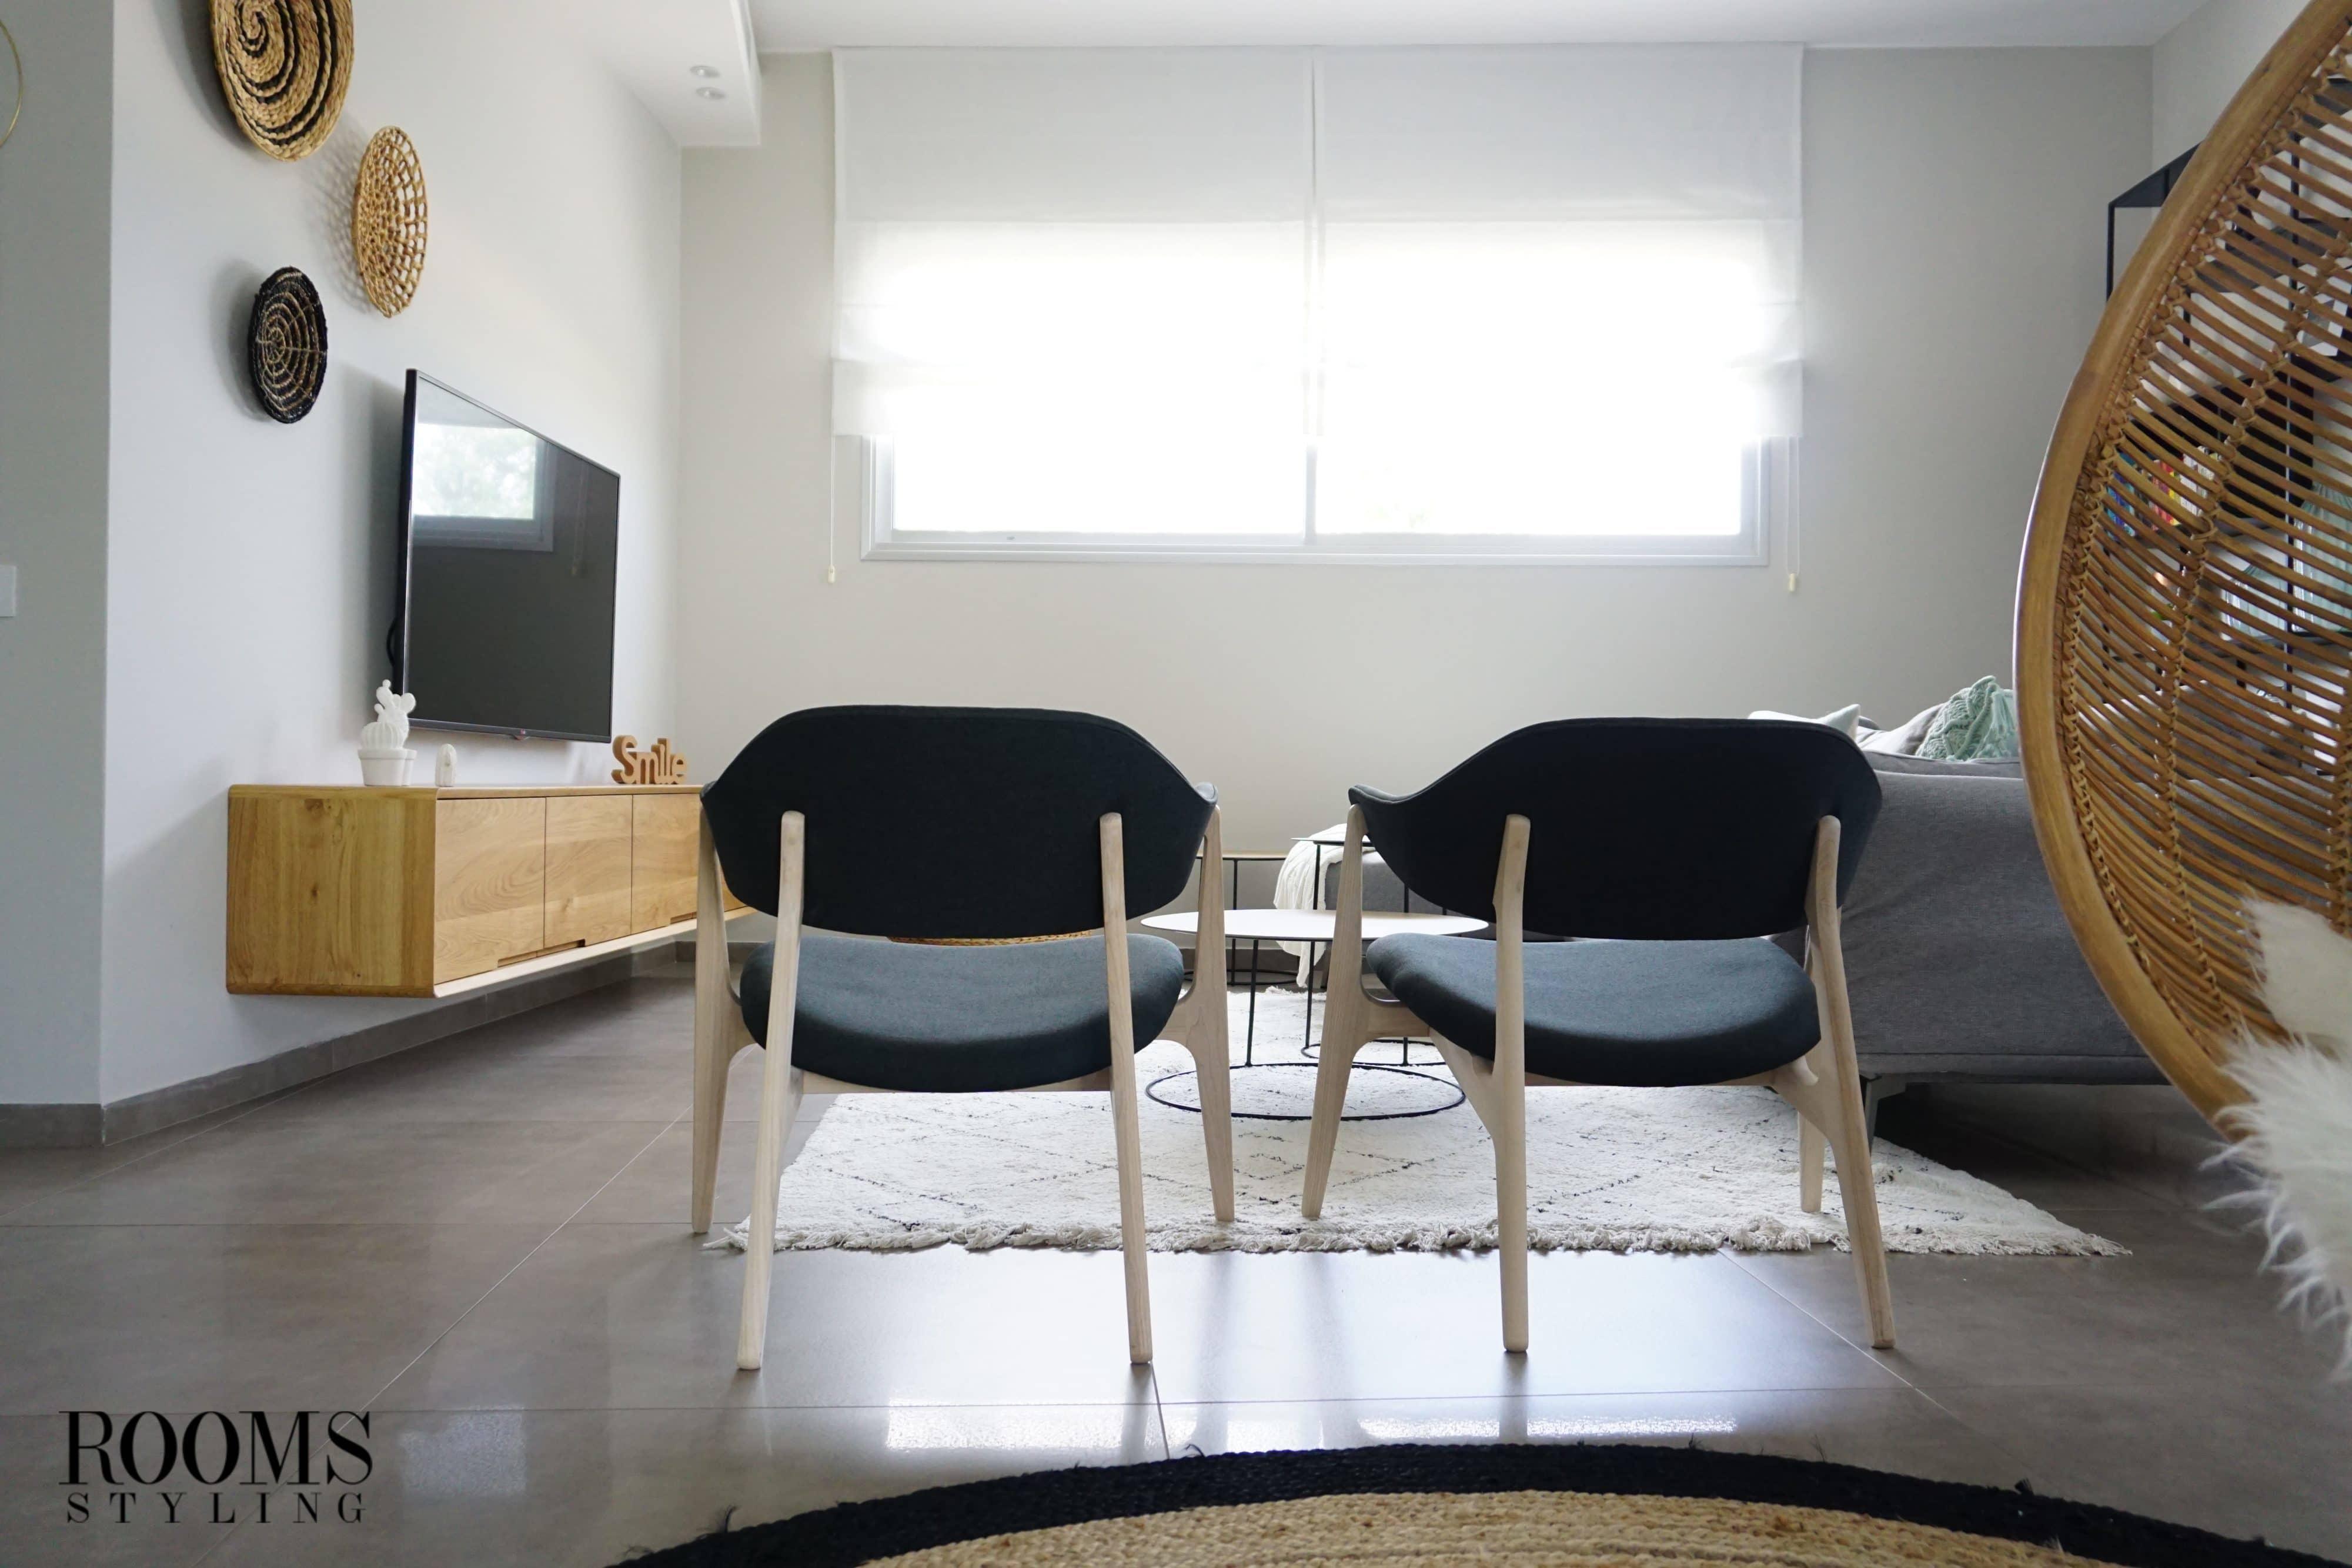 עיצוב סלון עם כורסאות שחורות